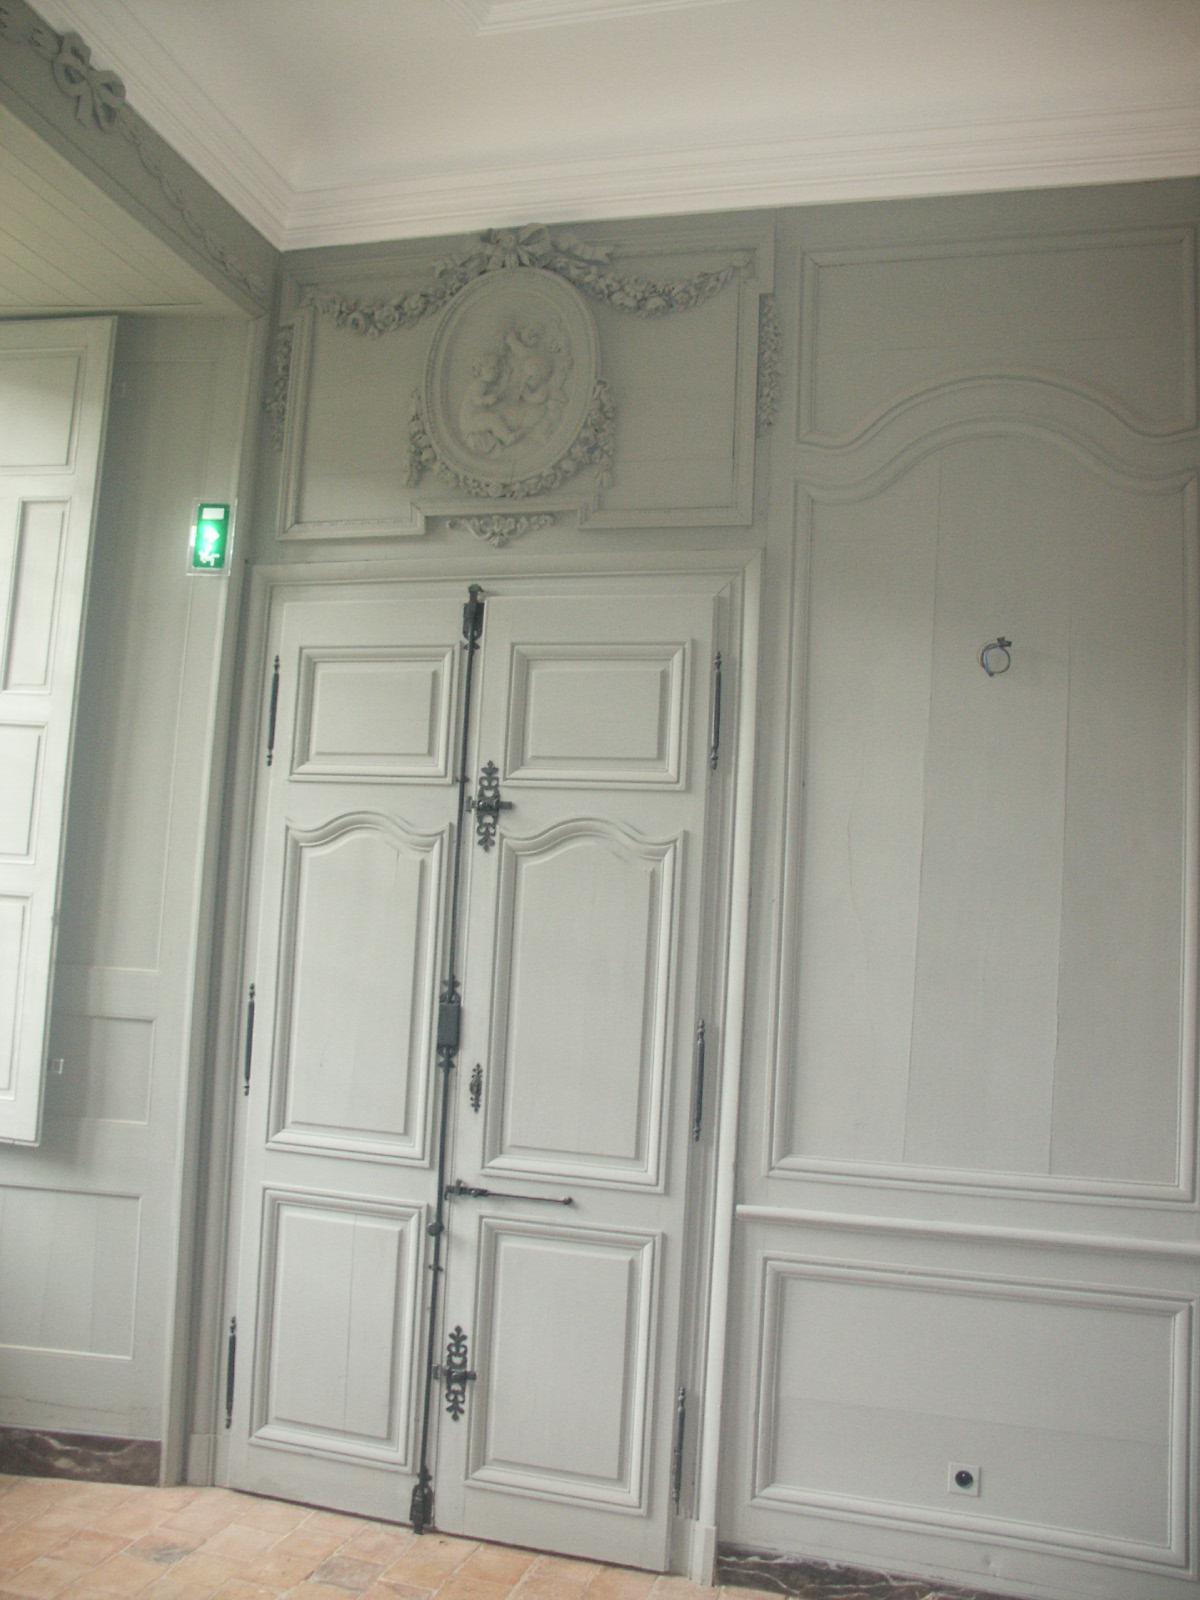 Portes intérieures et habillages muraux en bois - Maine et Loire